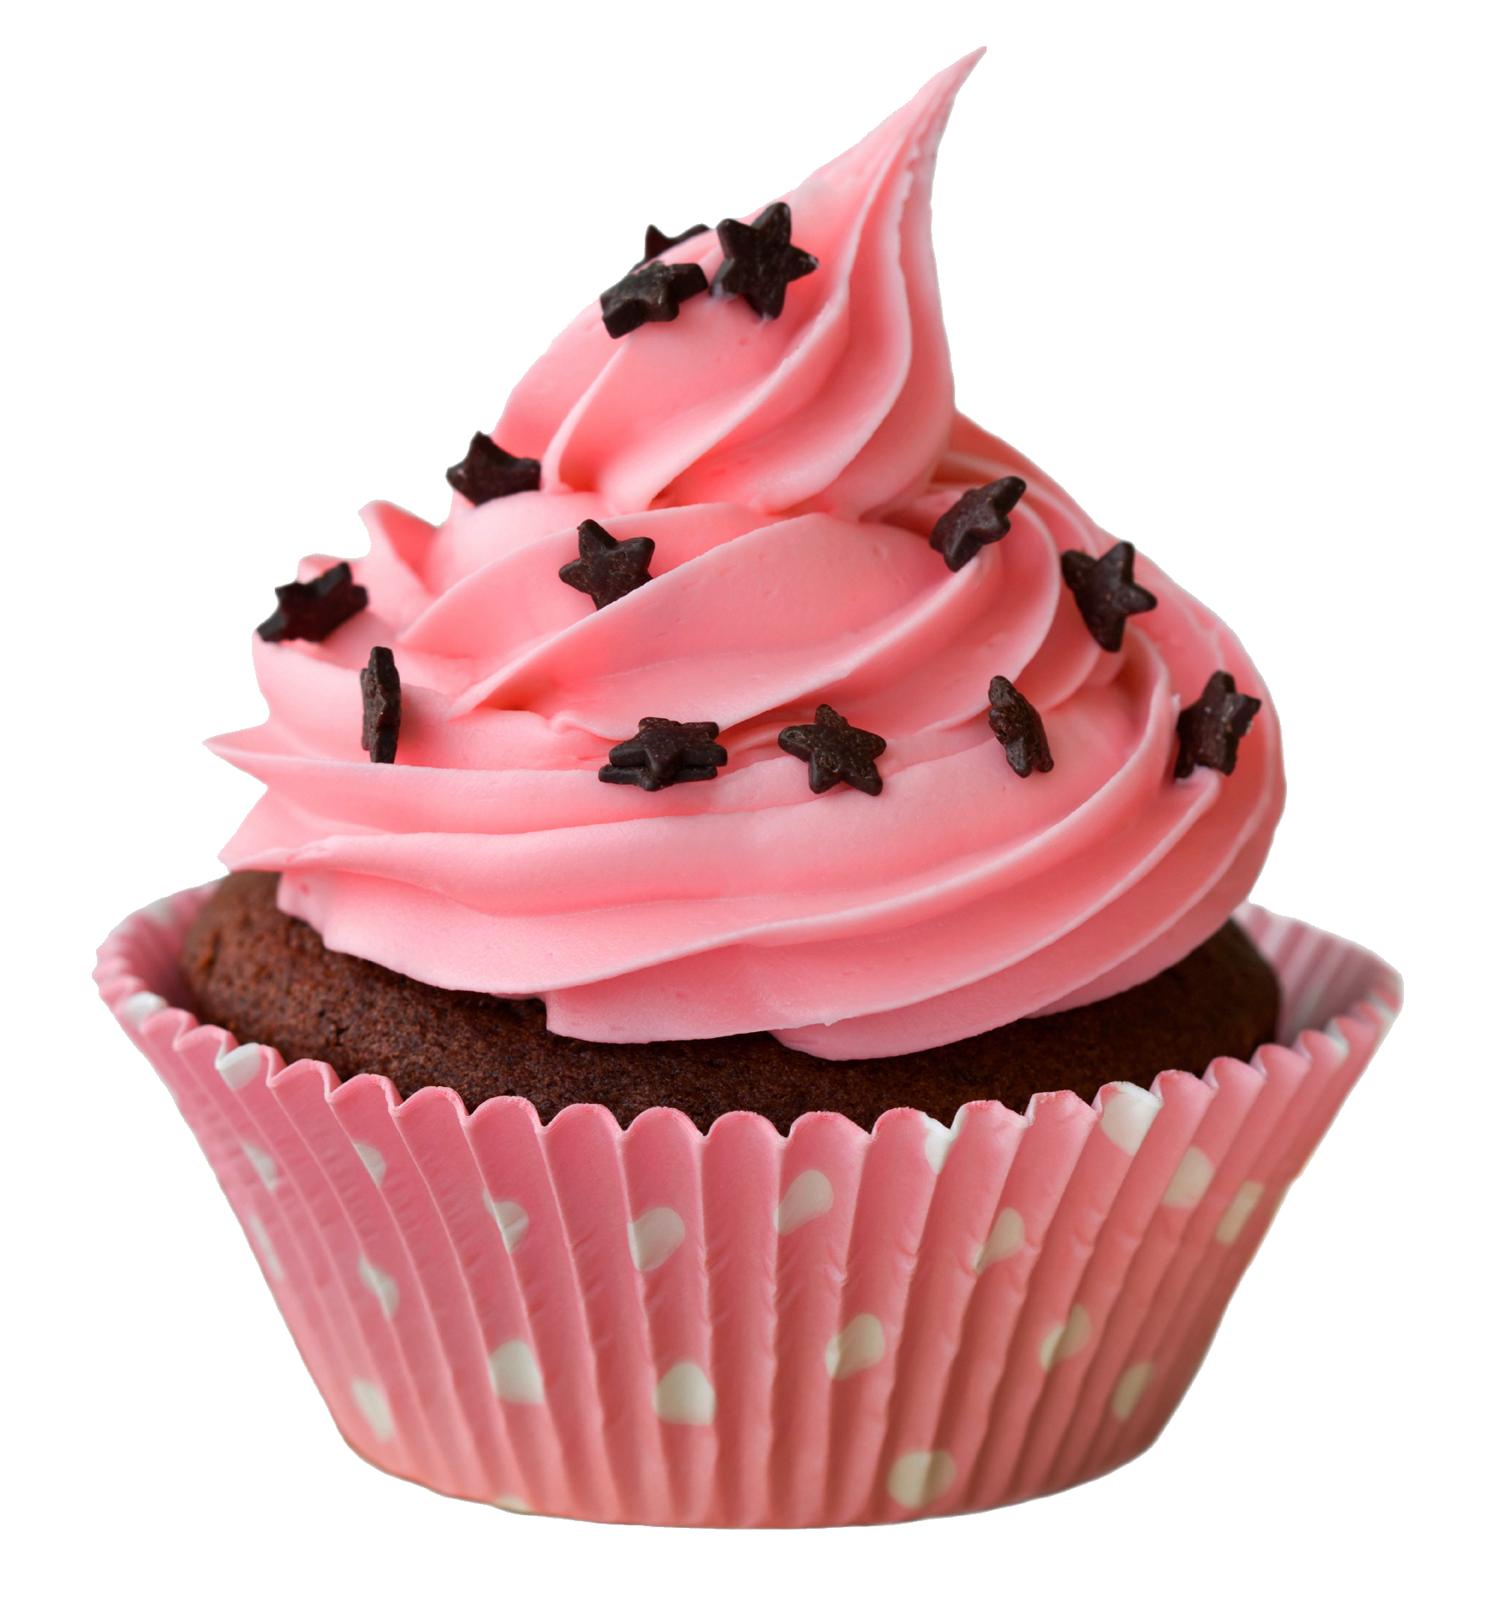 Cupcake PNG Image.